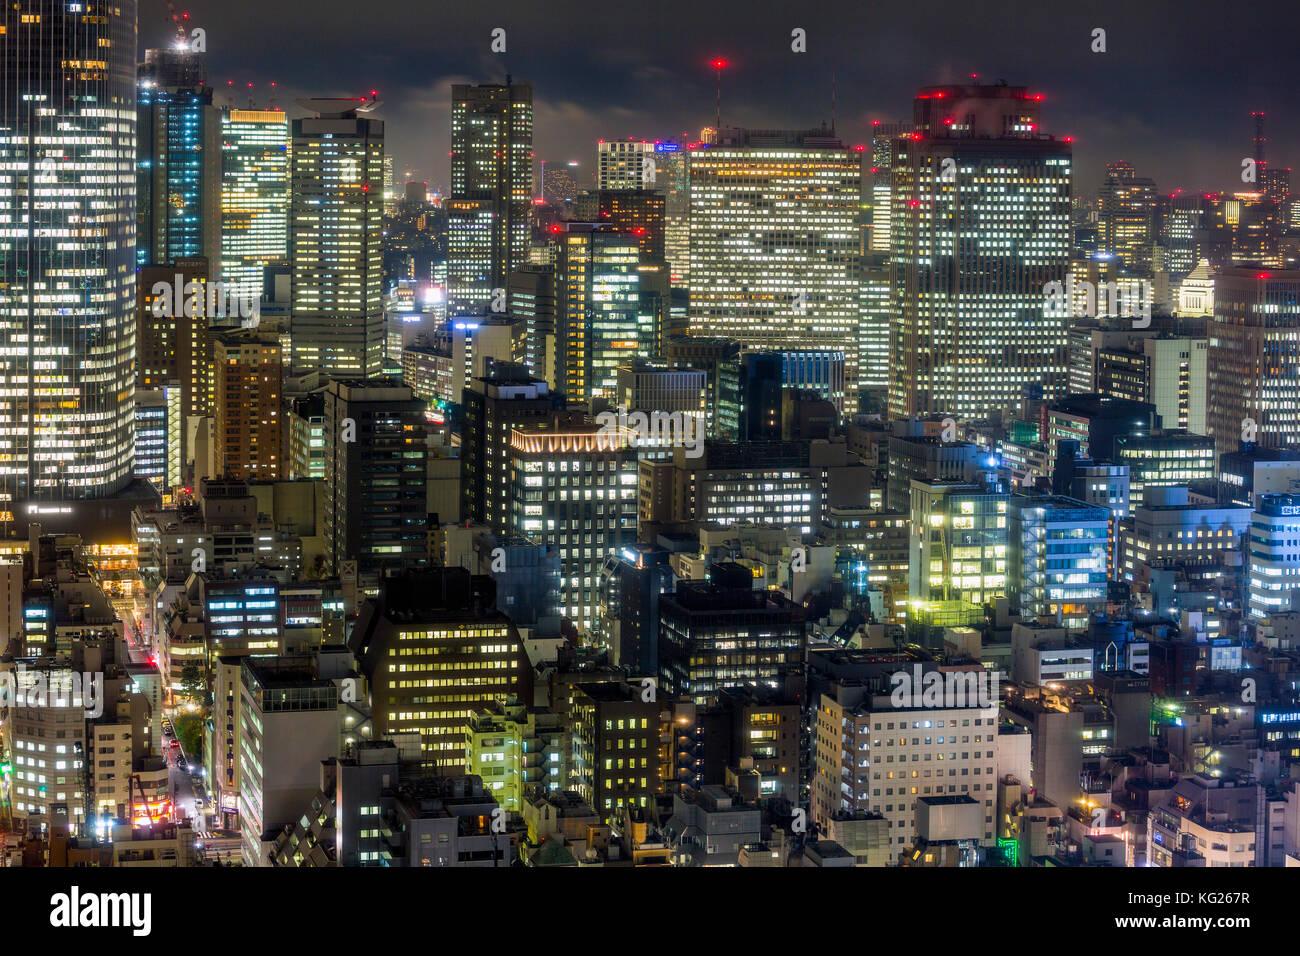 Centro città edifici di notte, Tokyo, Giappone, Asia Immagini Stock